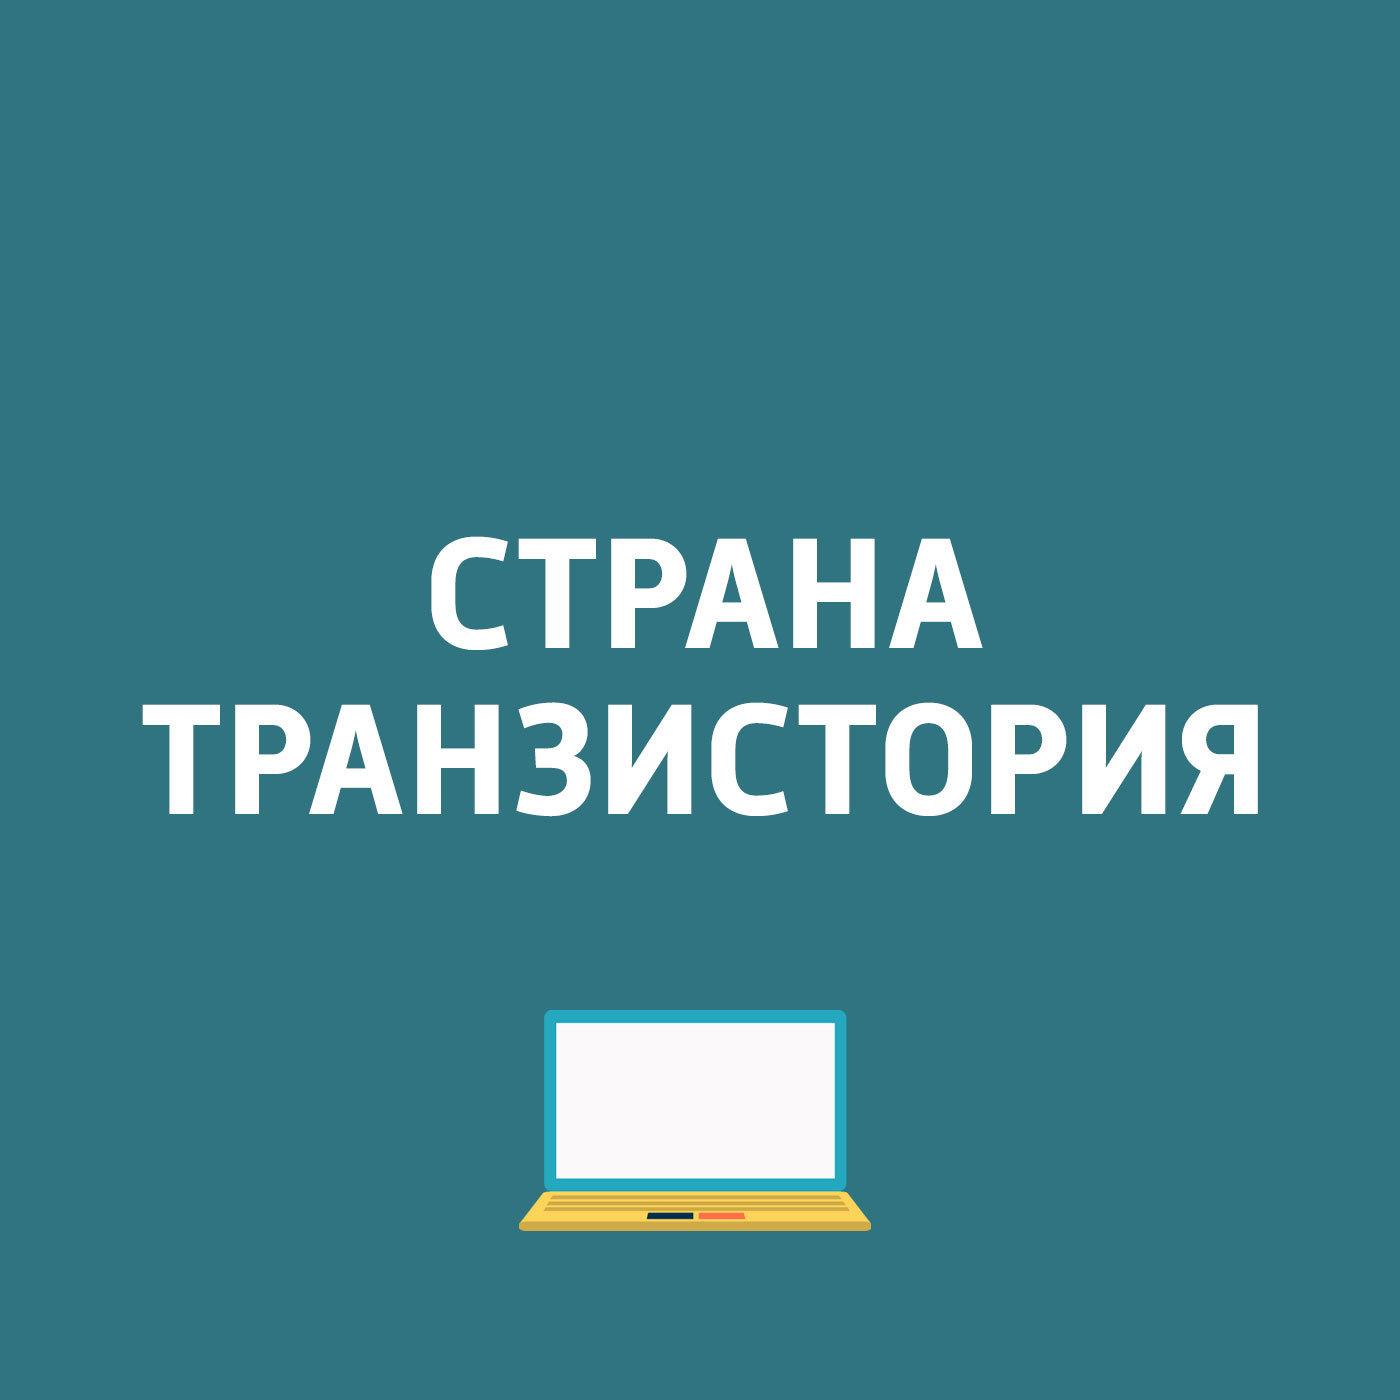 Картаев Павел Mail.Ru Group добавила в свой почтовый клиент еще одну возможность... картаев павел hmd получила контроль над брендом nokia смартфоны дебютируют в 2017 году